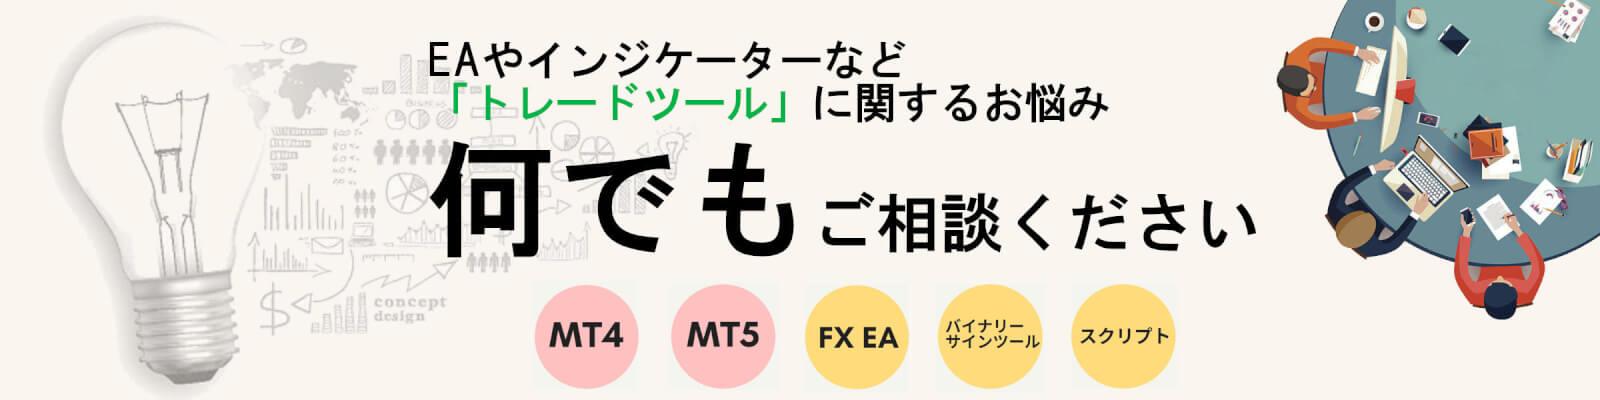 MT4ツール制作